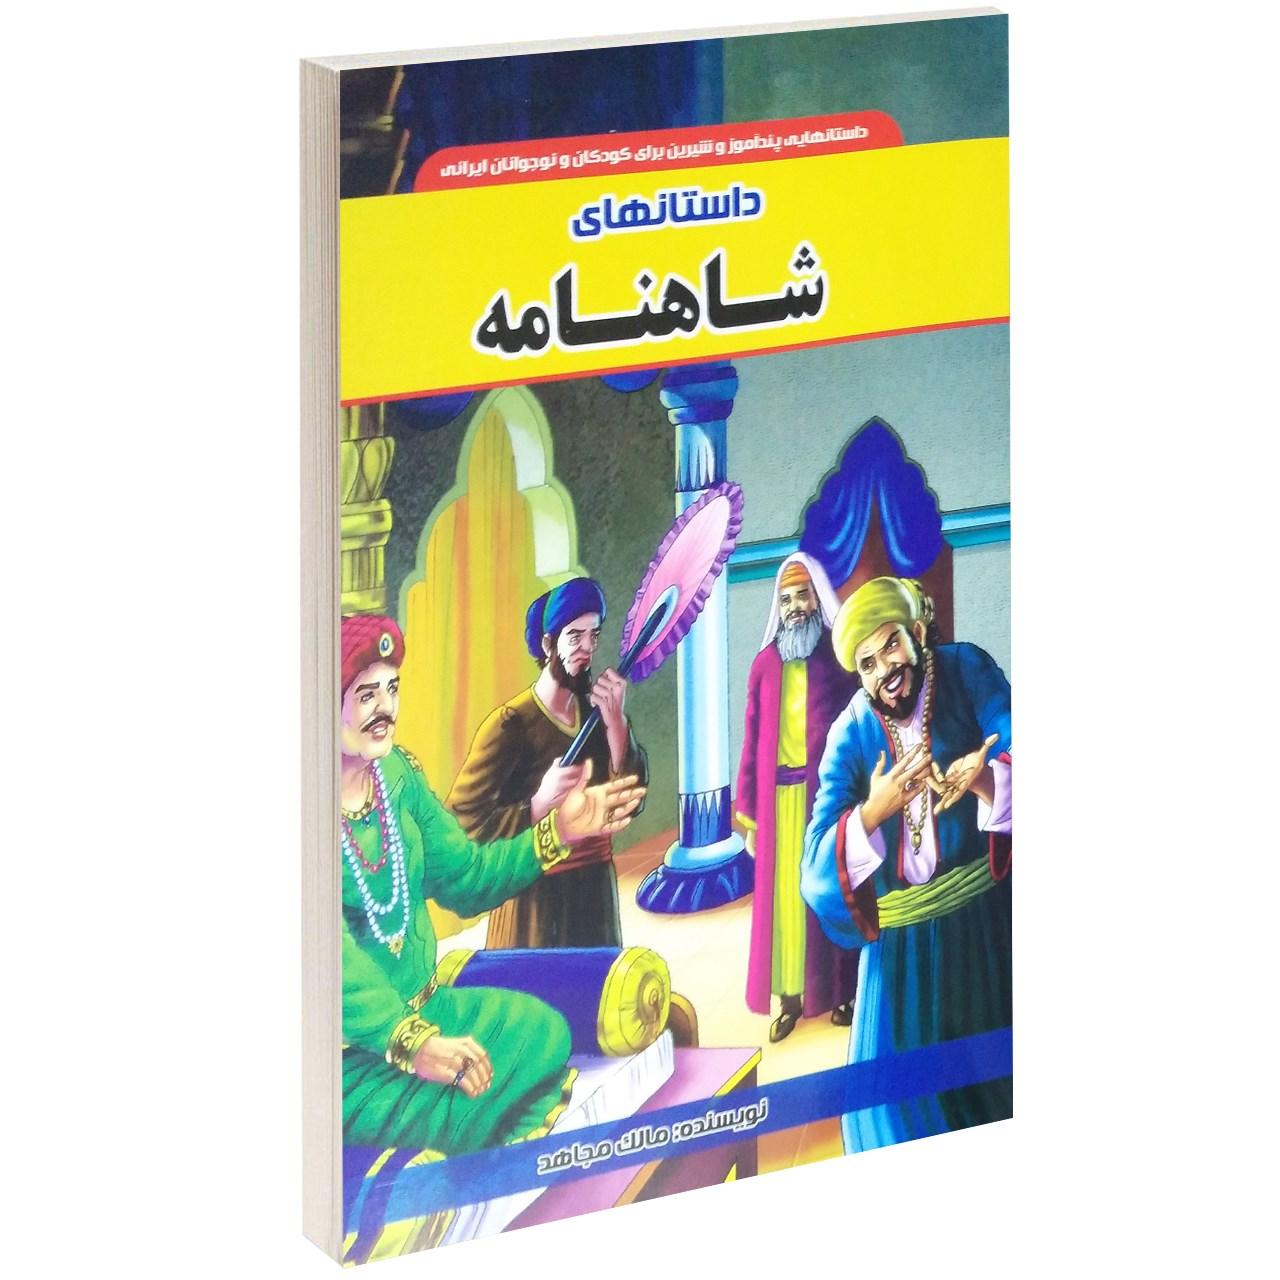 کتاب داستان های شاهنامه اثر مالک مجاهد